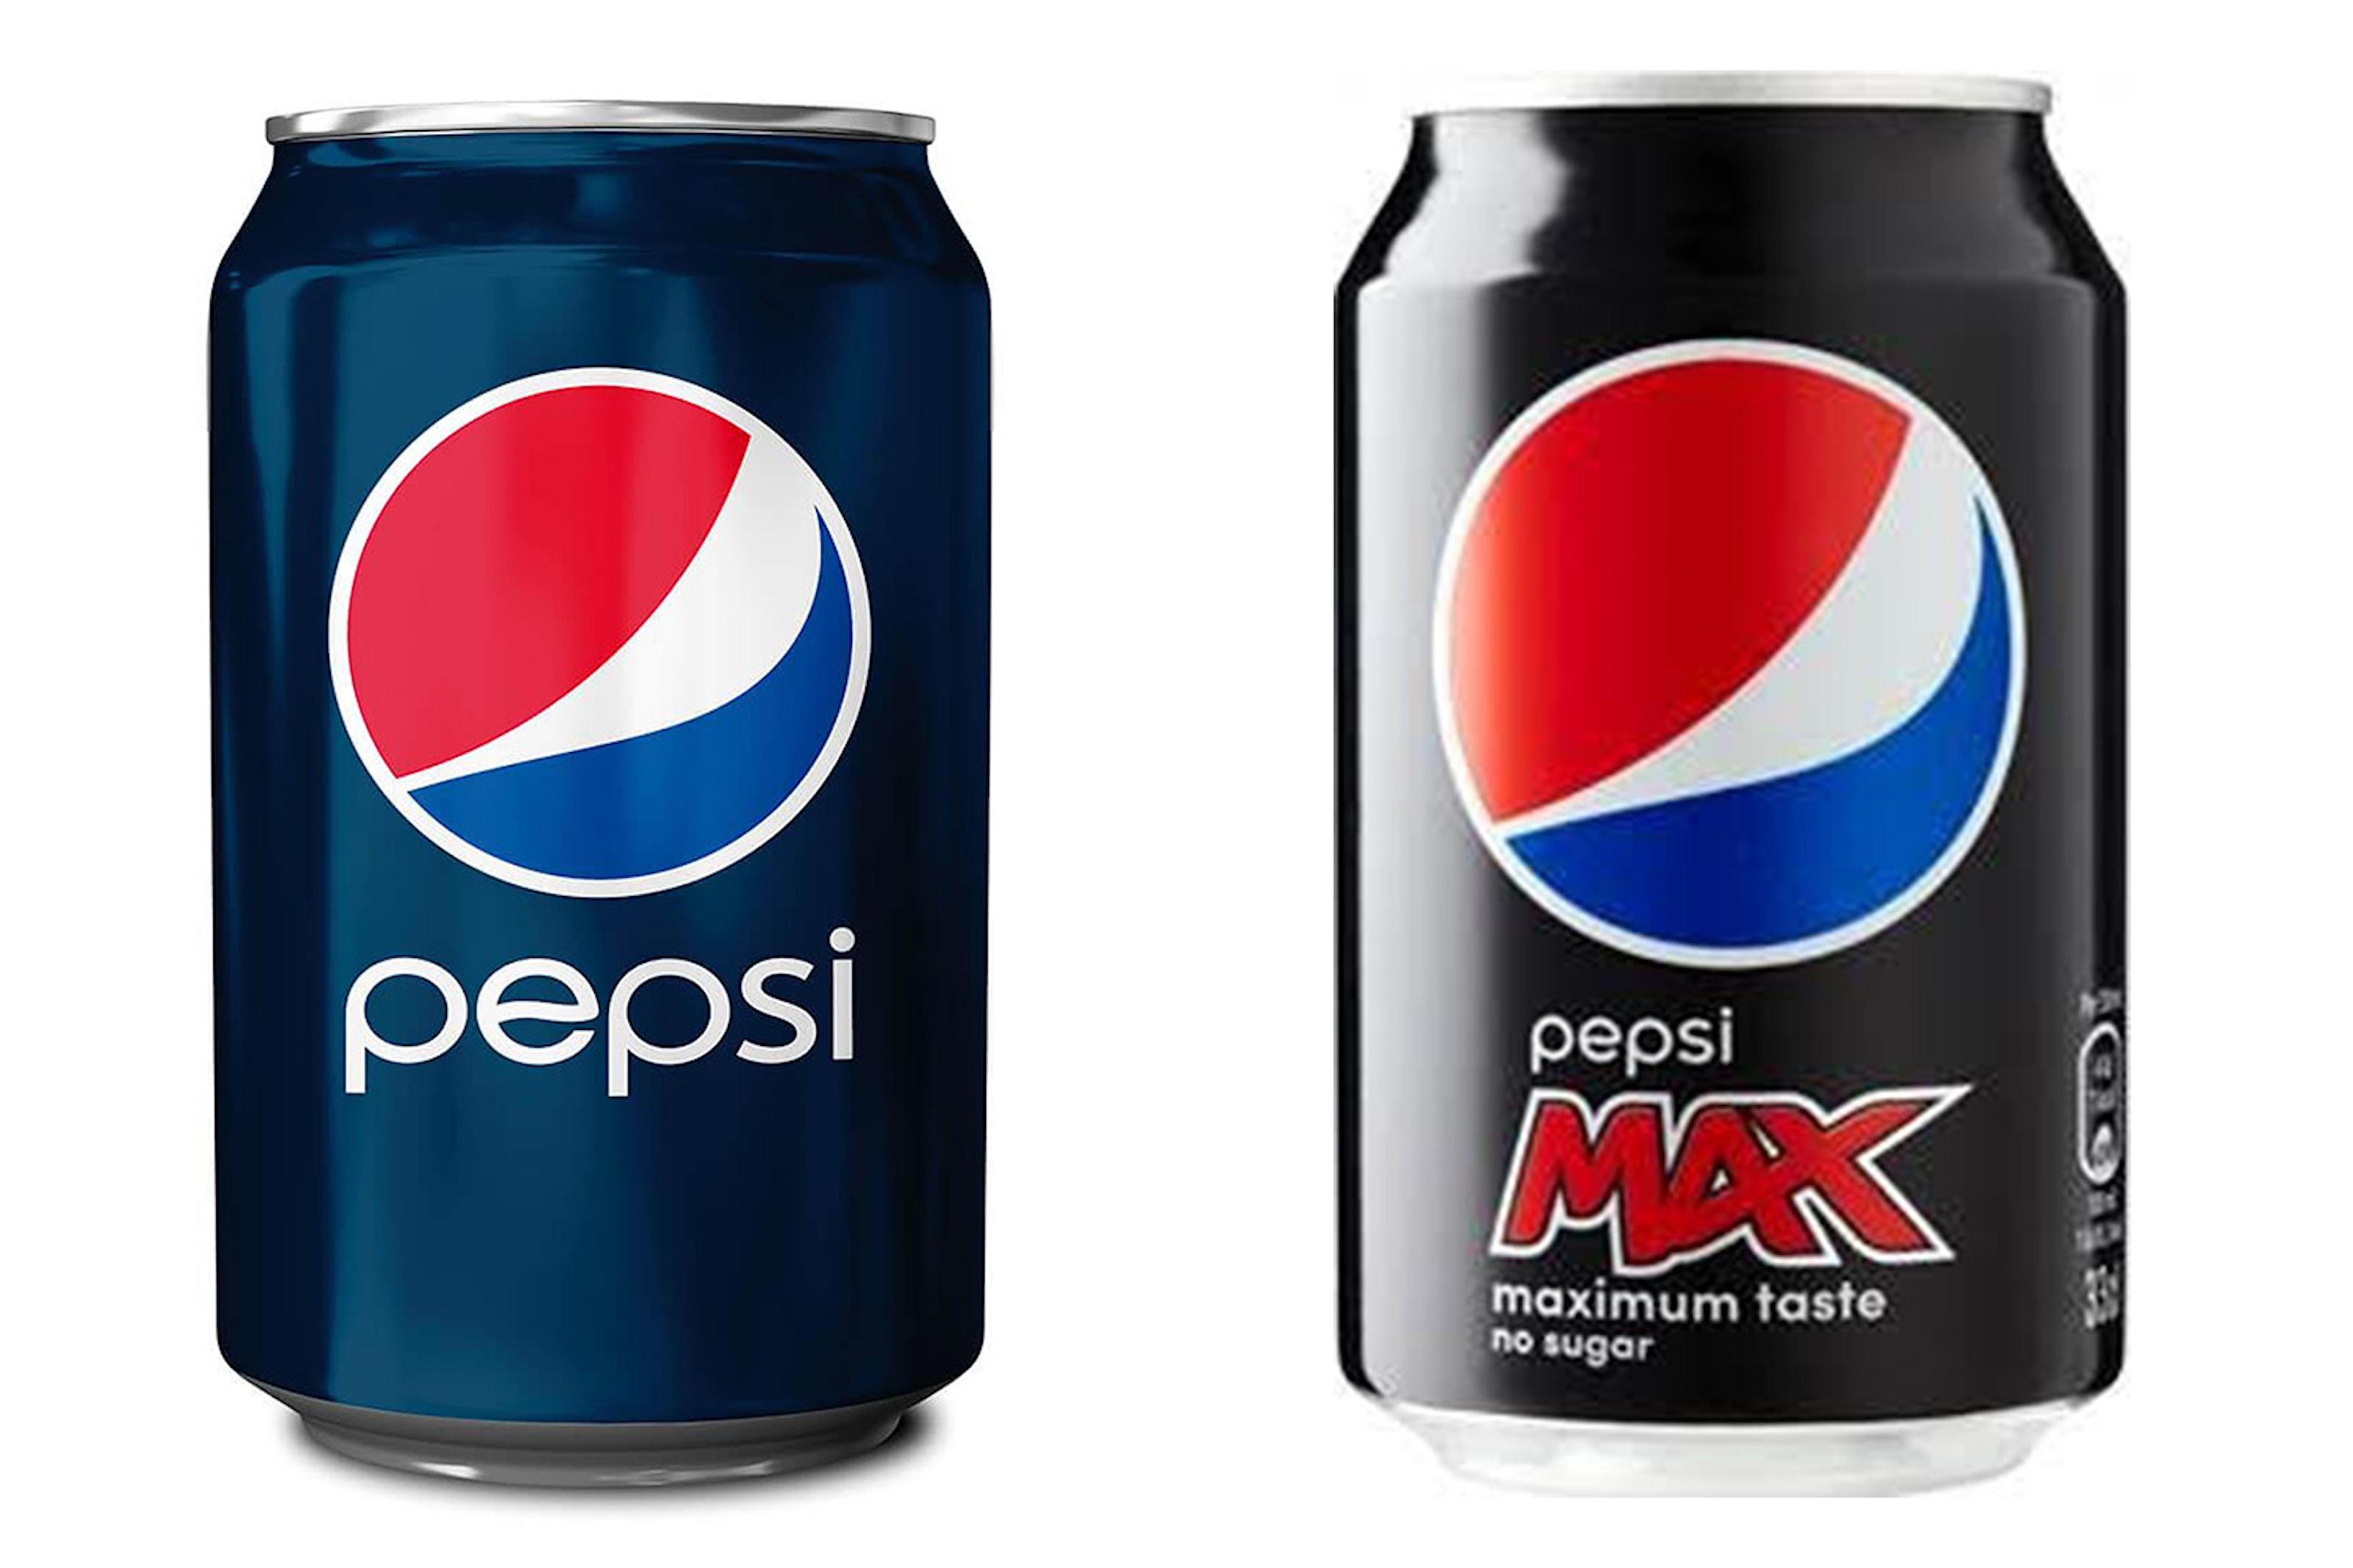 Tre brett med Pepsi- eller Pepsi Max-bokser